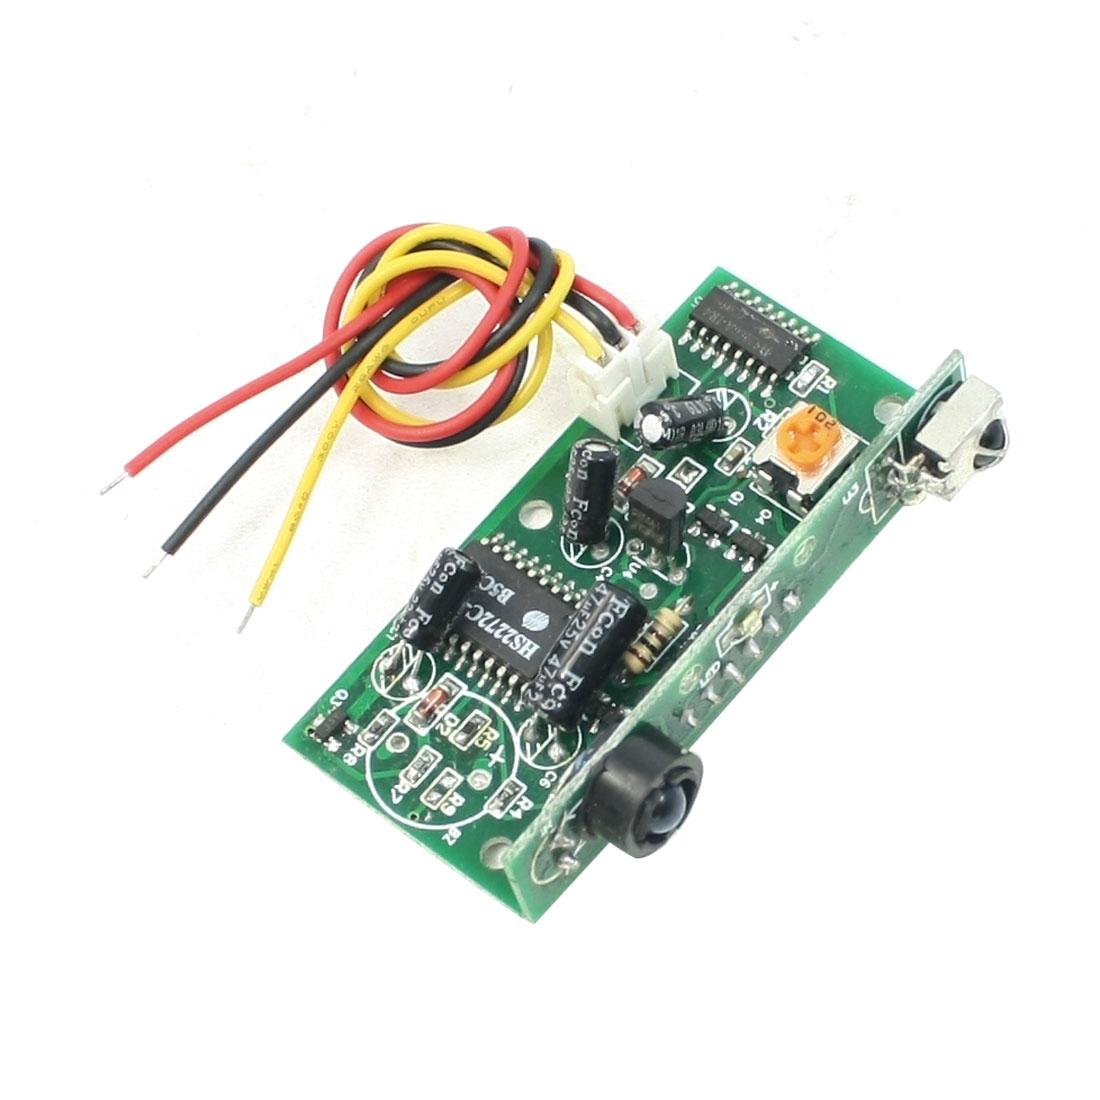 TDL-IR-DC-M Model 3 Wire Connector Motion Sensor Module DC 5-24V